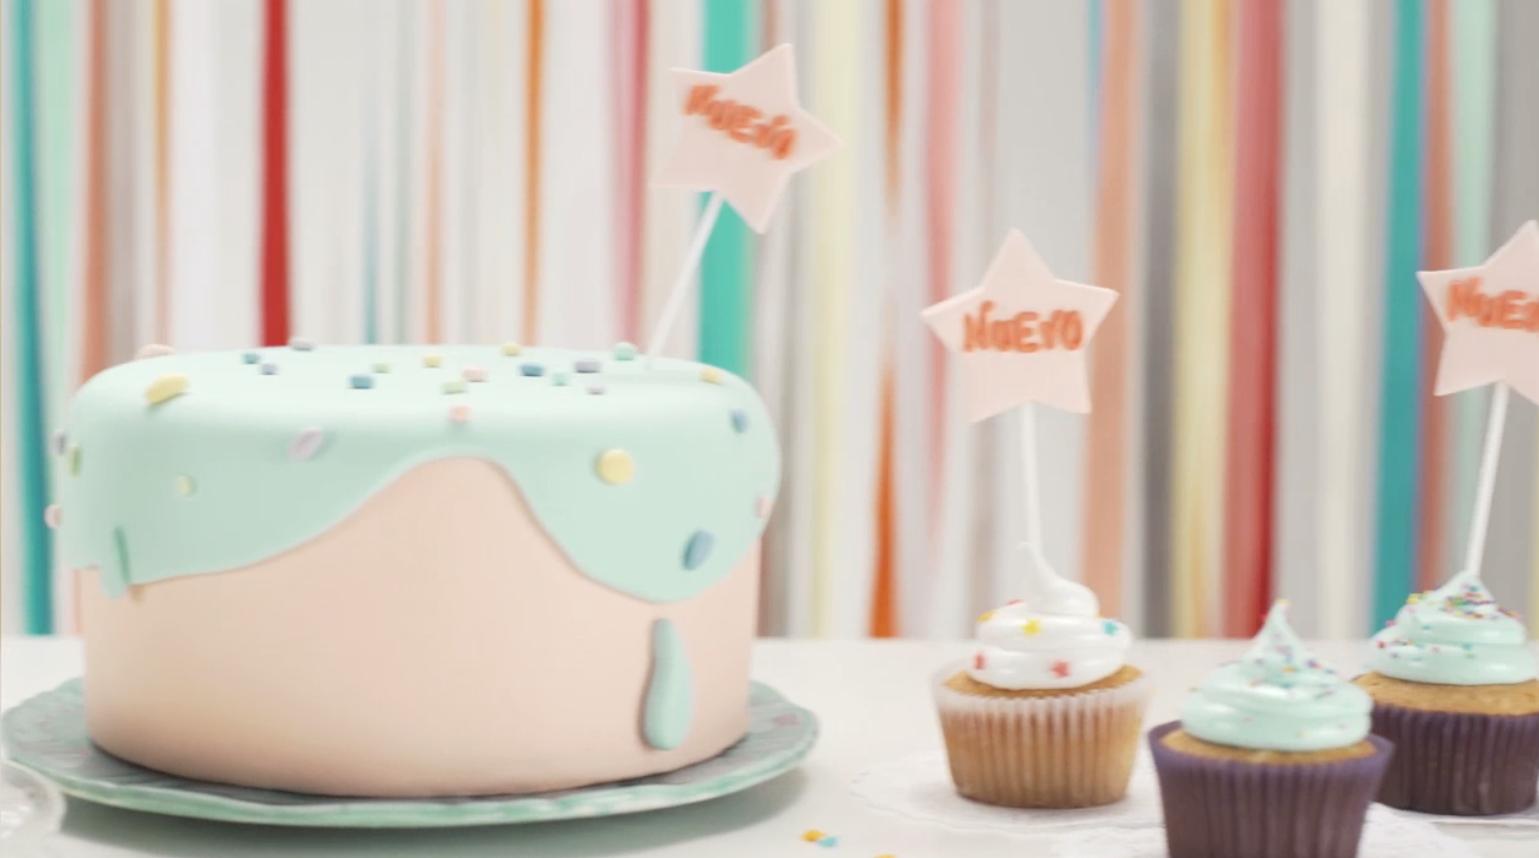 Maizena se renovó para ser parte de la nueva pastelería y acompañar a las nietas con sus tortas fondant, alfajorcitos y cupcakes.